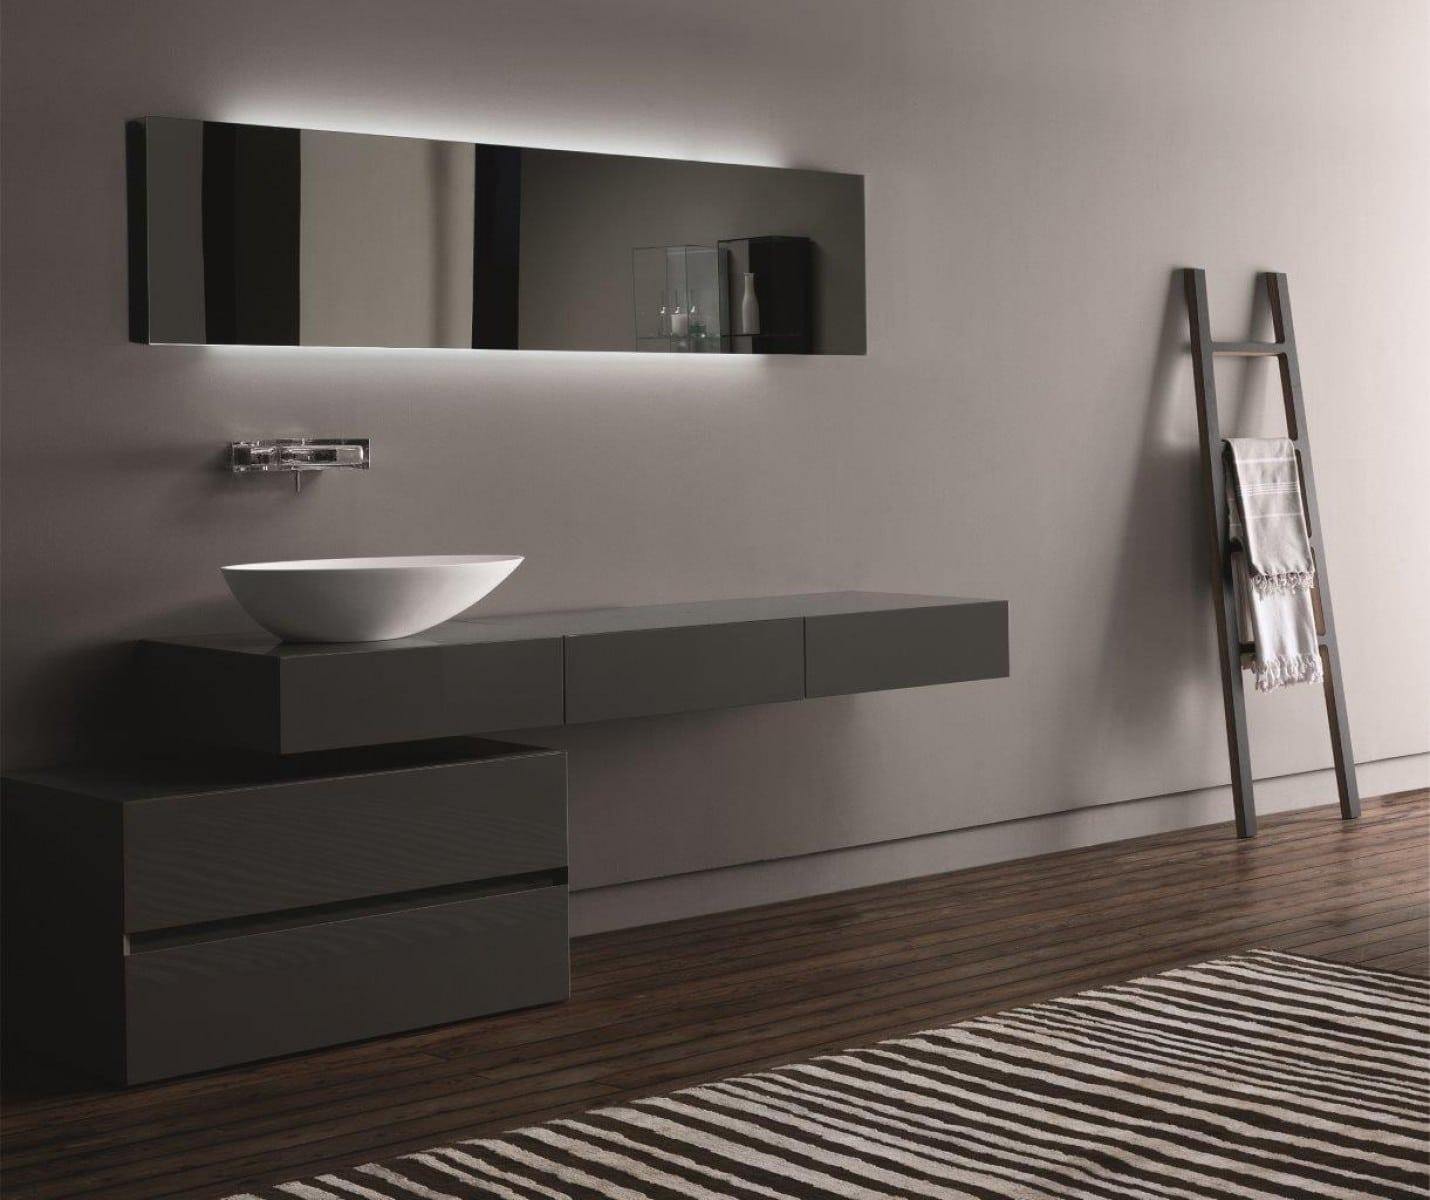 Baños Diseno Minimalista:Diseño de cuartos de baño modernos [Fotos]